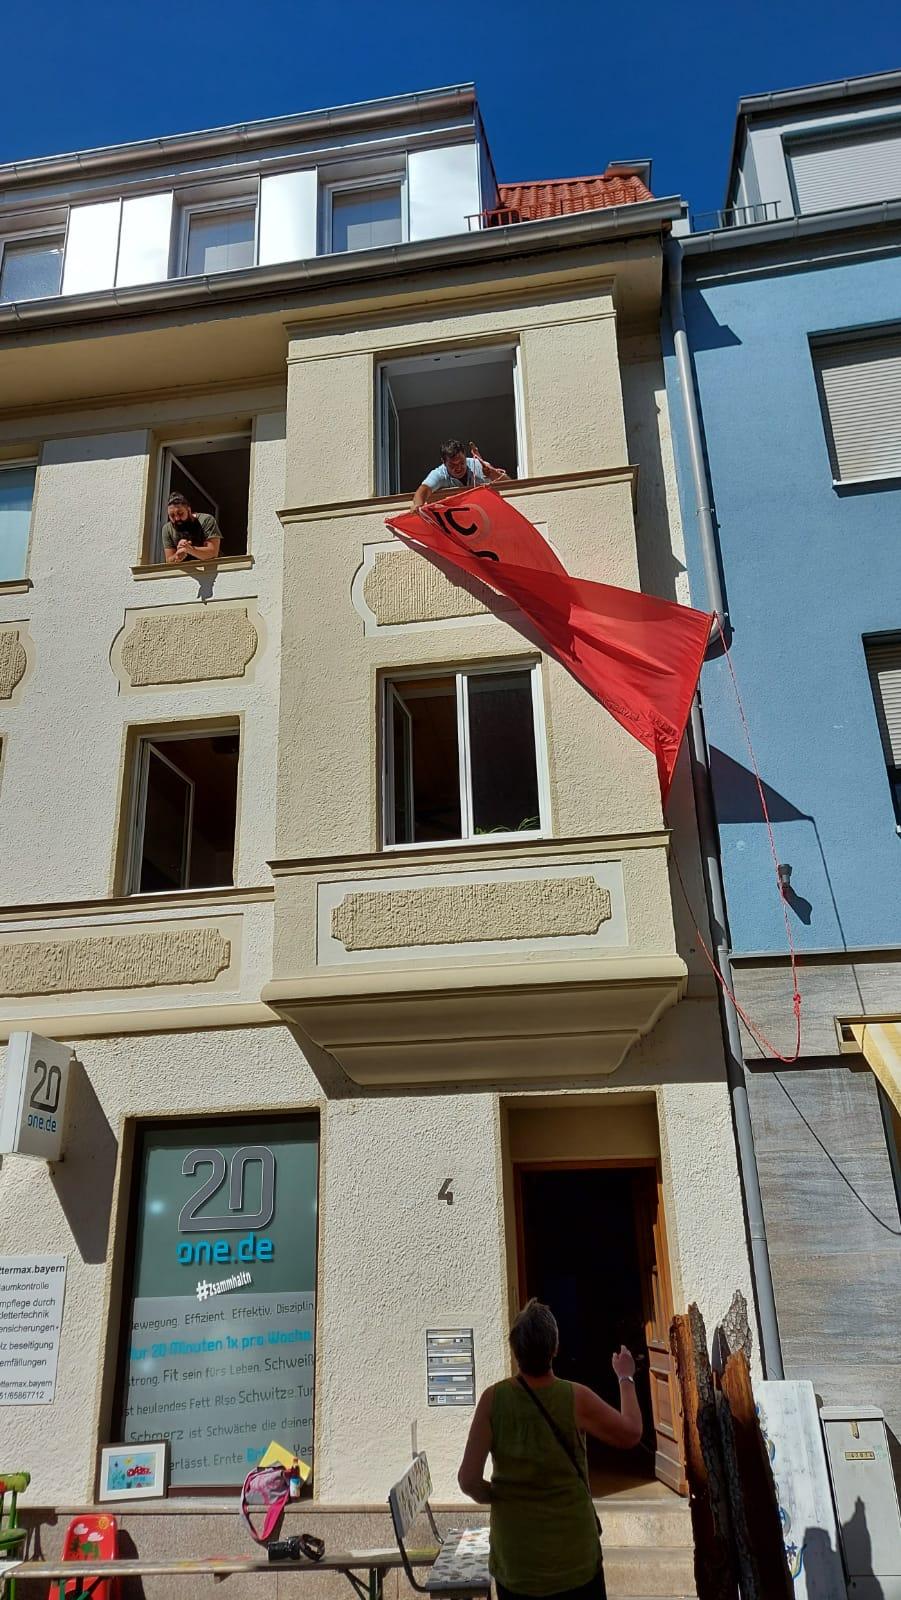 Unsere  Vereinsfahne kam auch einmal wieder an die frische Luft.